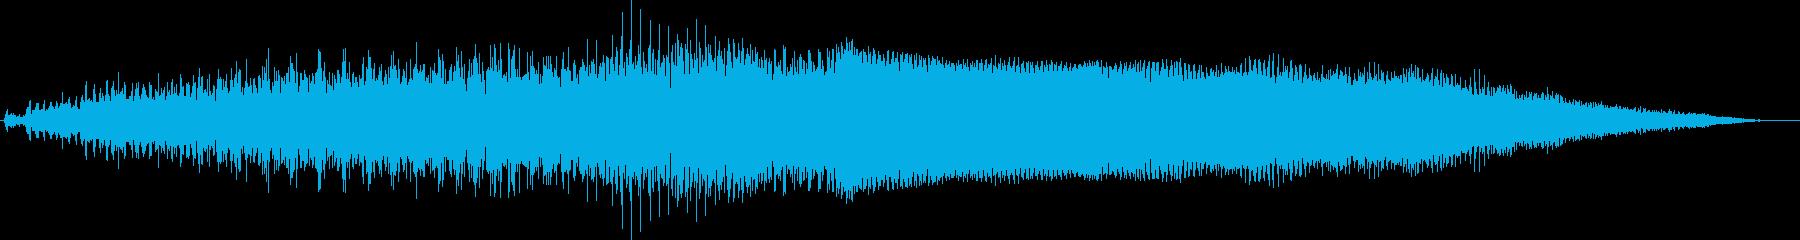 詳細なフィードバックエンジンサンプ...の再生済みの波形